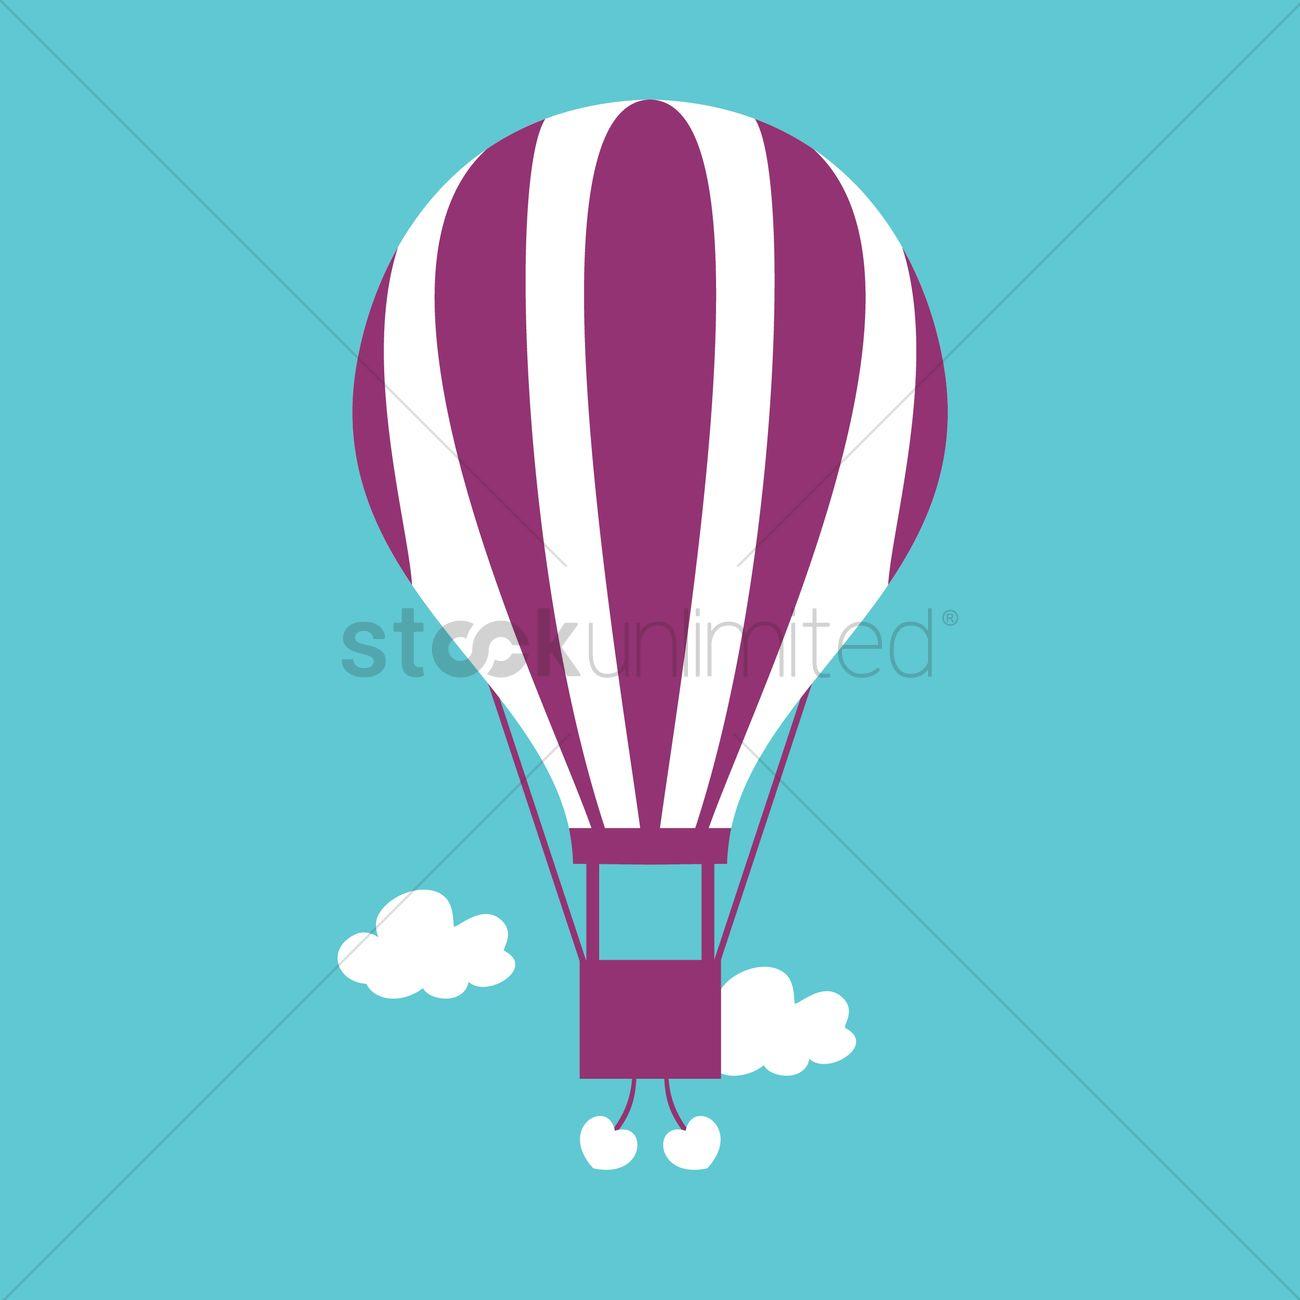 1300x1300 Basket Parachute Vector Image